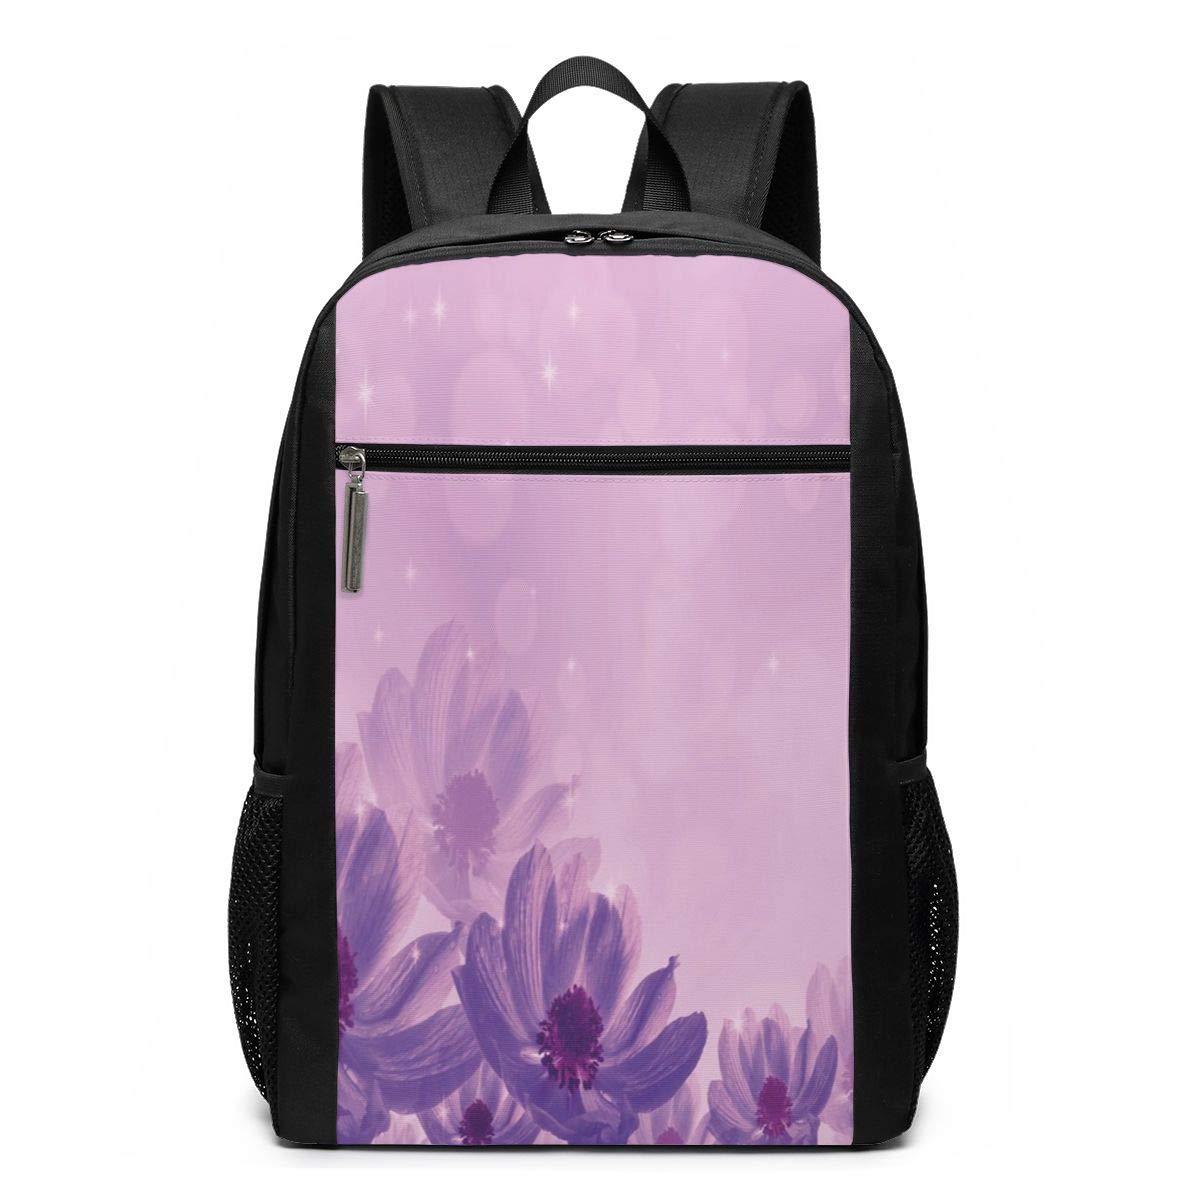 Backpack Dreamlike Fantastic Composition College%EF%BC%8C17